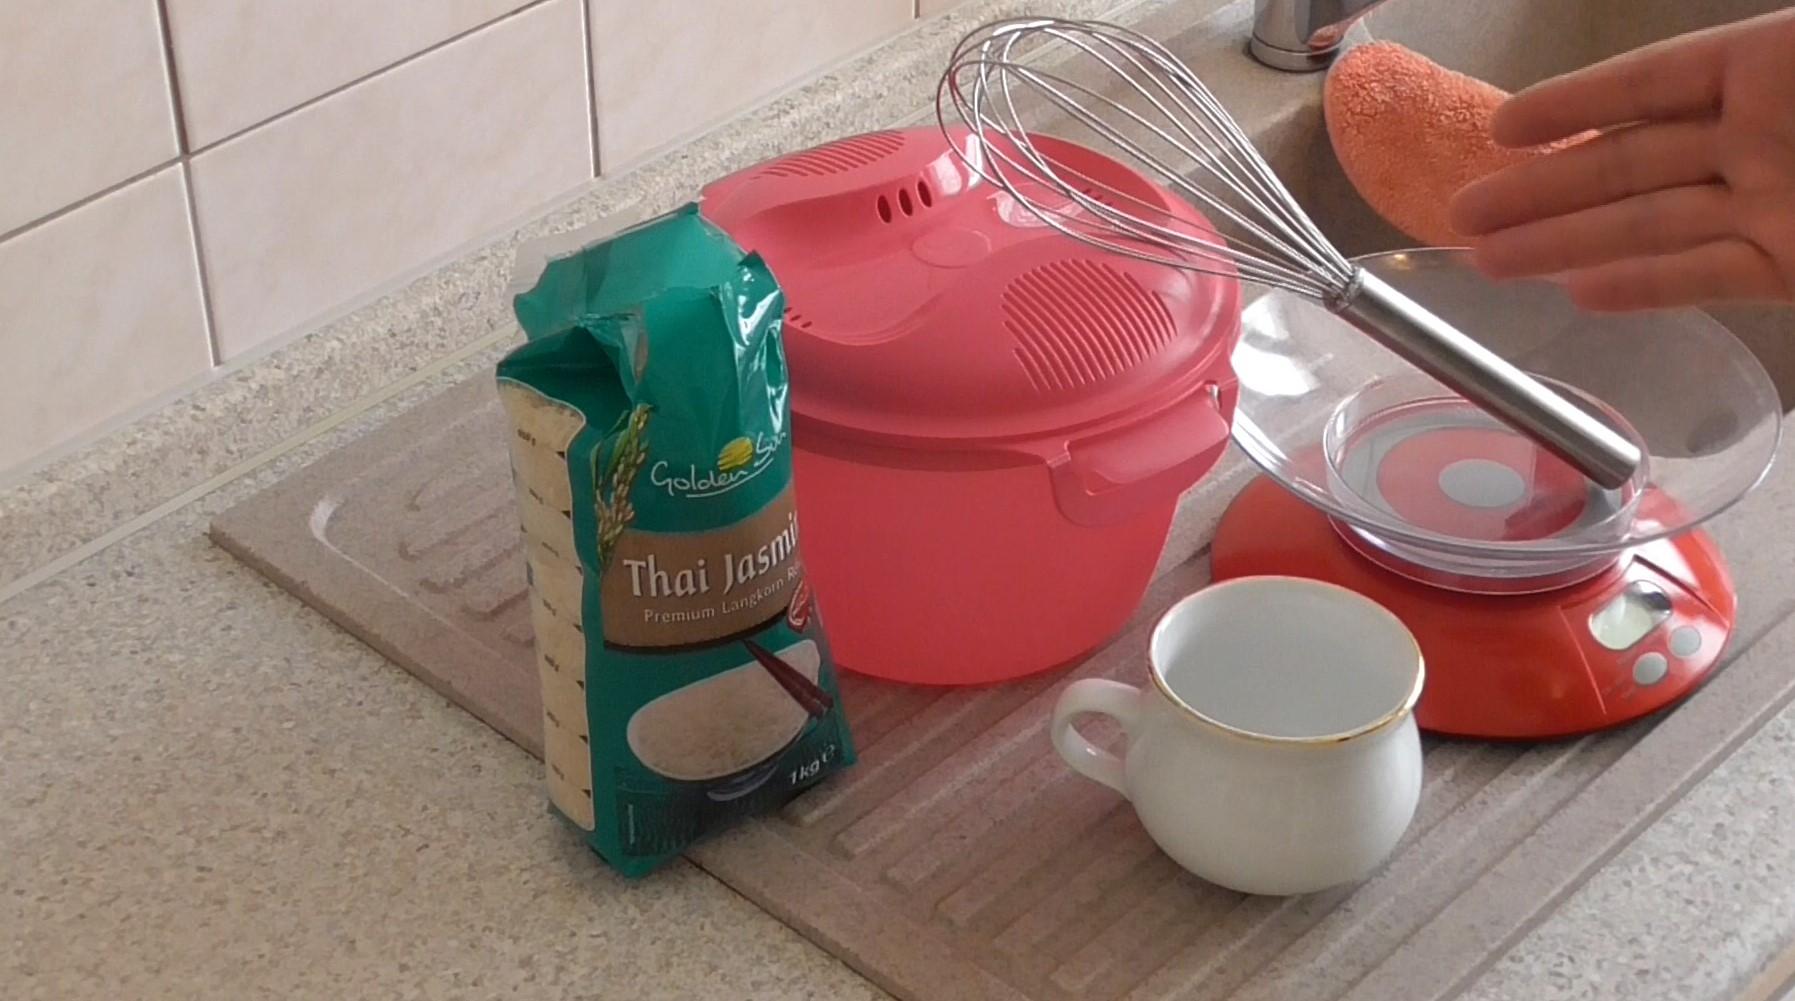 Mikrowellen reiskocher wie du einfach reis kochen kannst - Reis im reiskocher ...